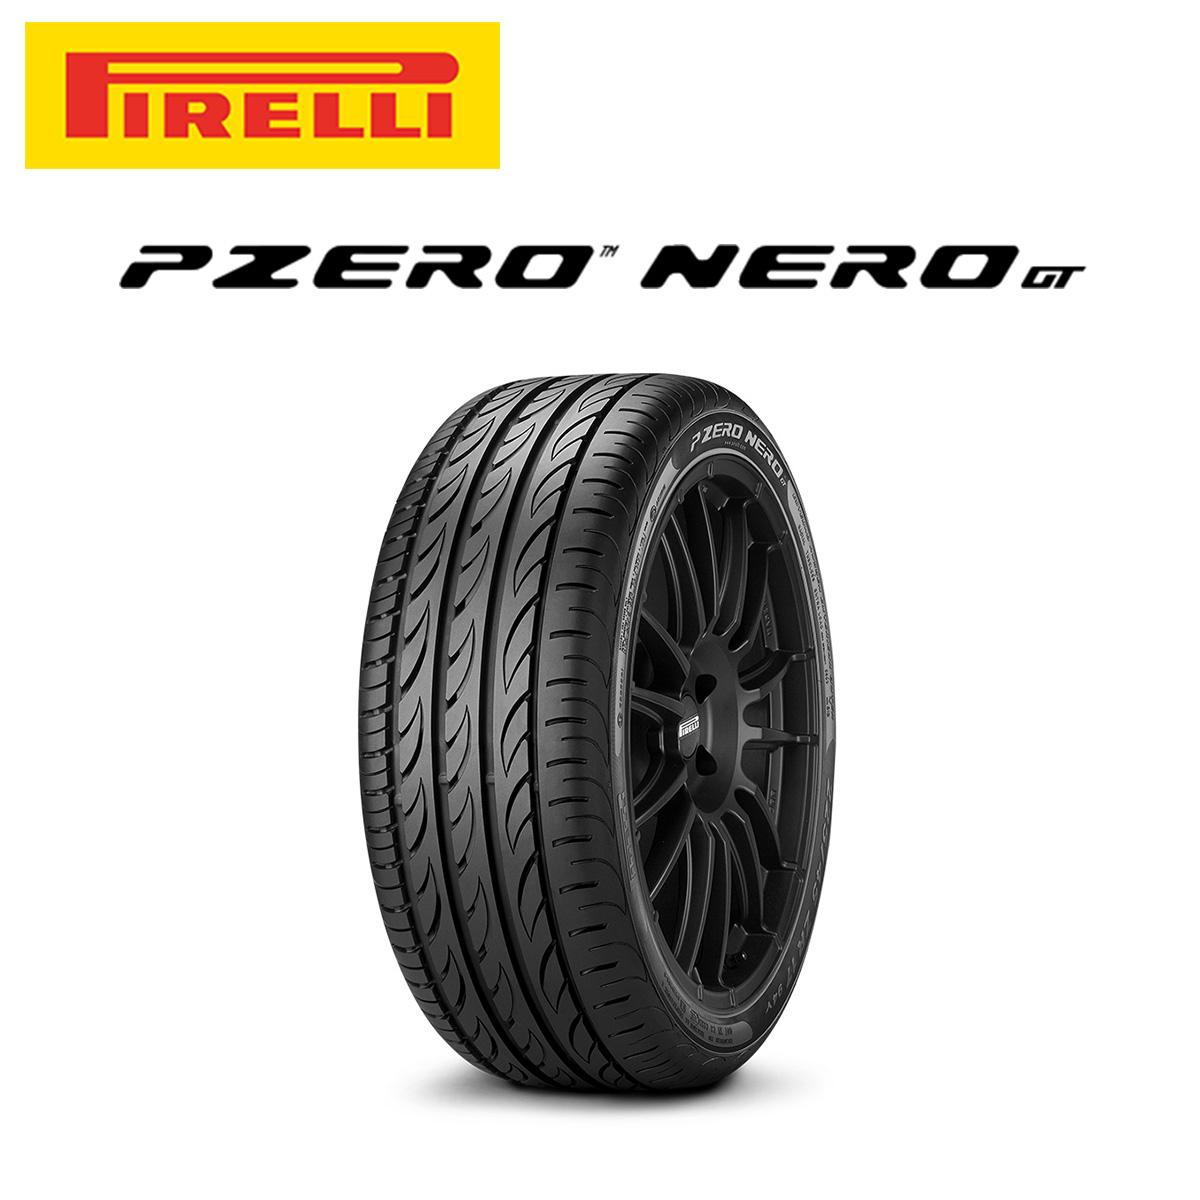 ピレリ PIRELLI P ZERO NERO ピーゼロネロ 18インチ サマー タイヤ 1本 215/40R18 89W XL EXTRA LOAD規格 ロープロファイルタイヤシリーズ 1825400